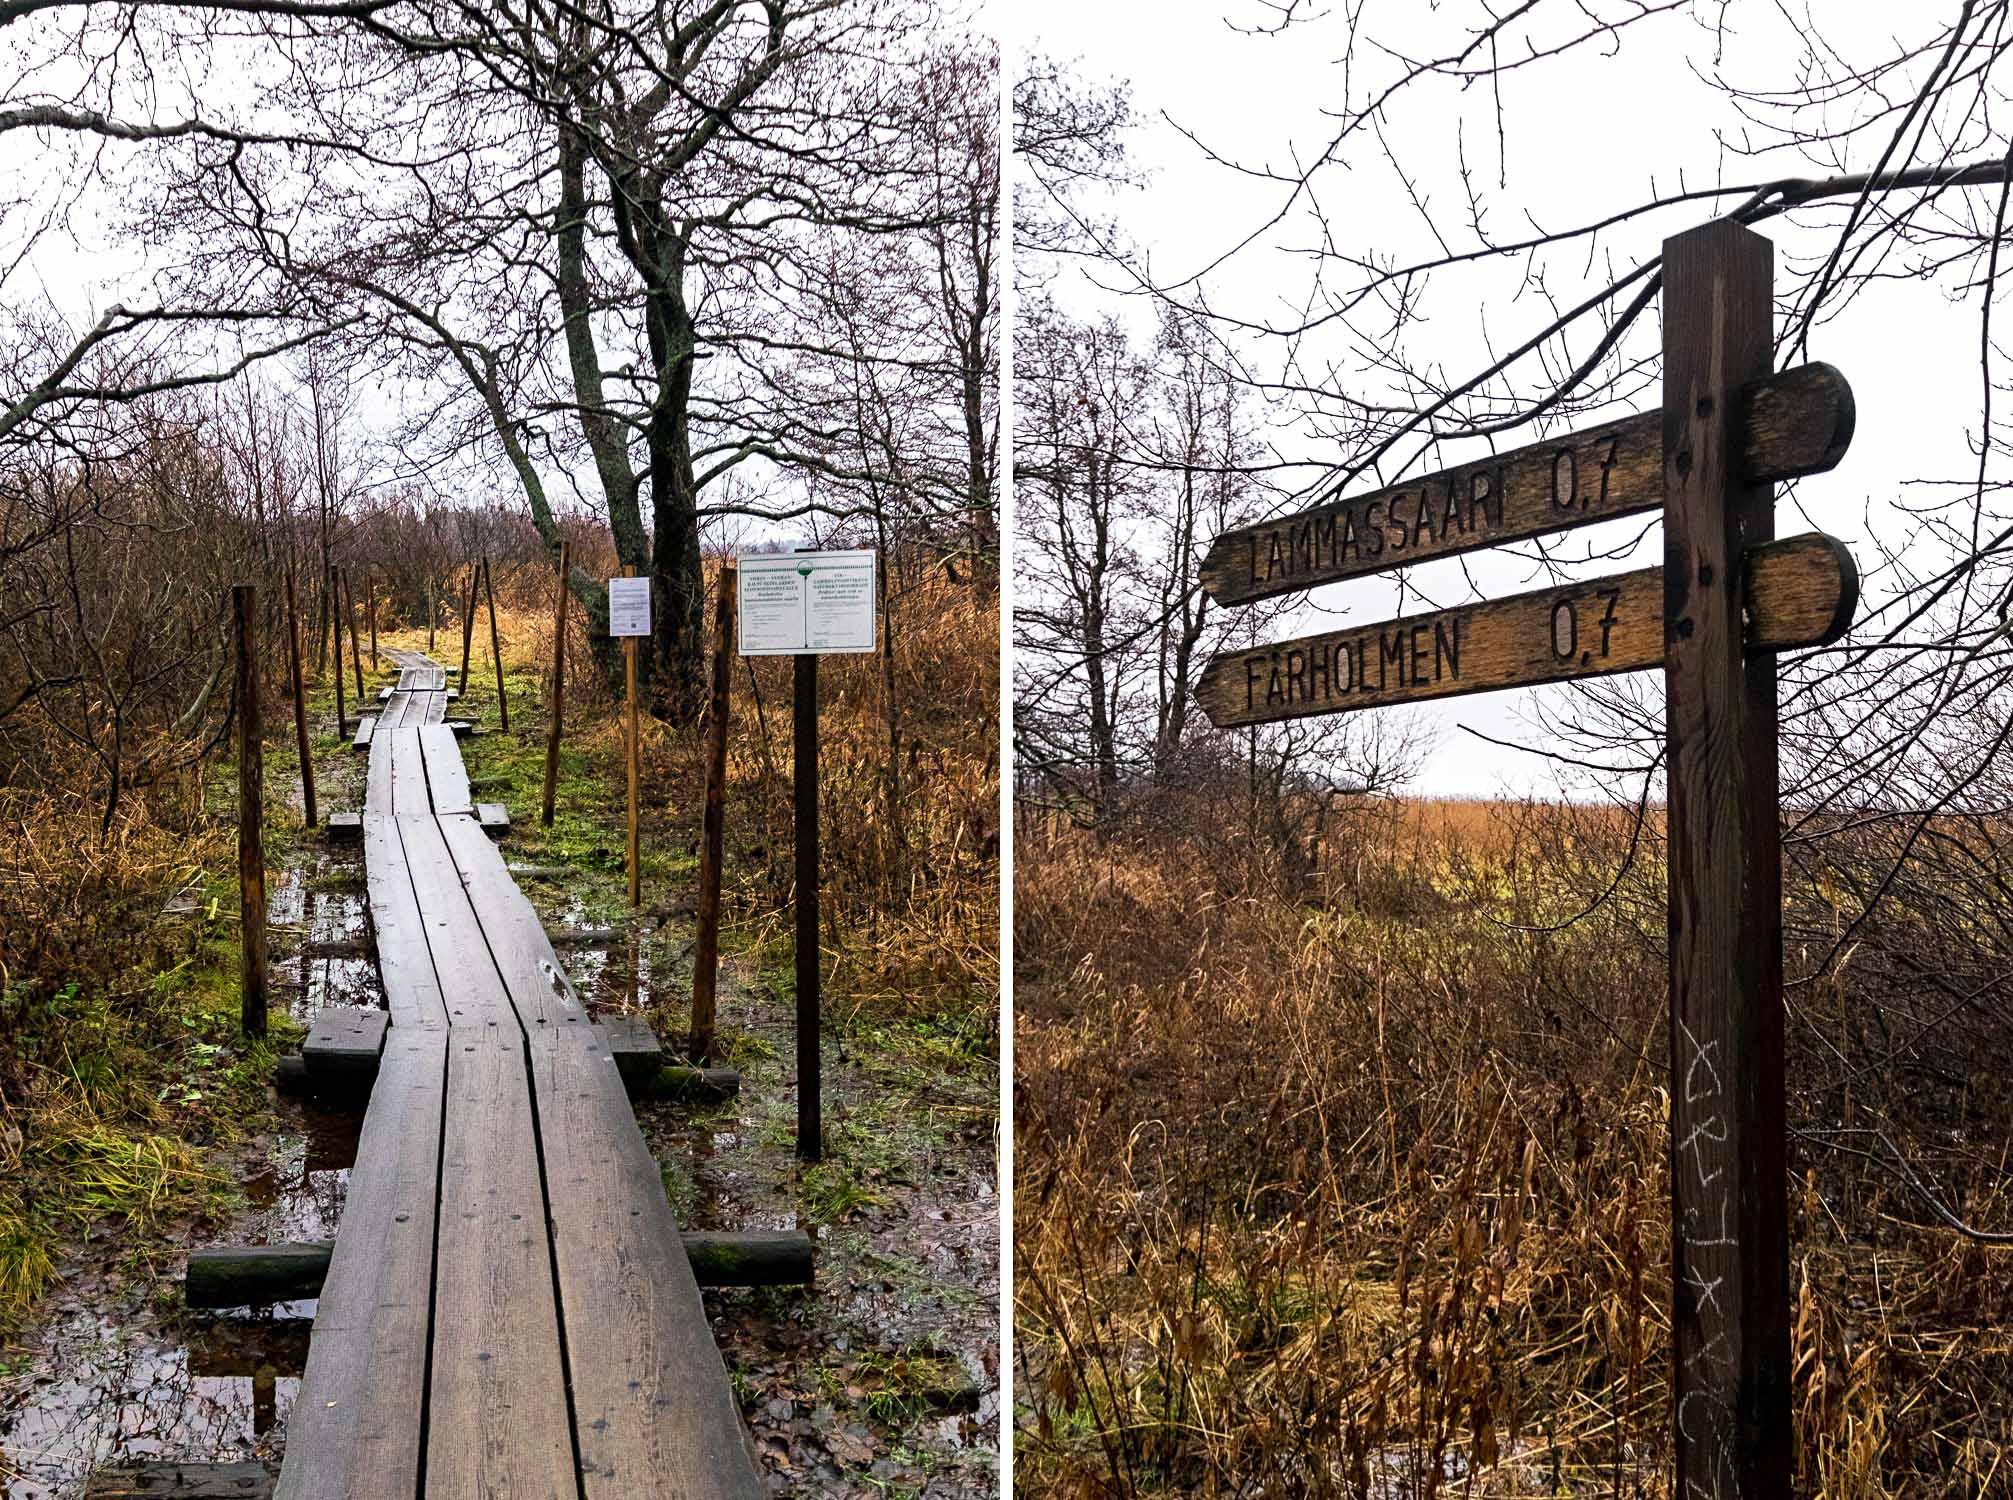 Nuuksio National Park in Helsinki, Finland